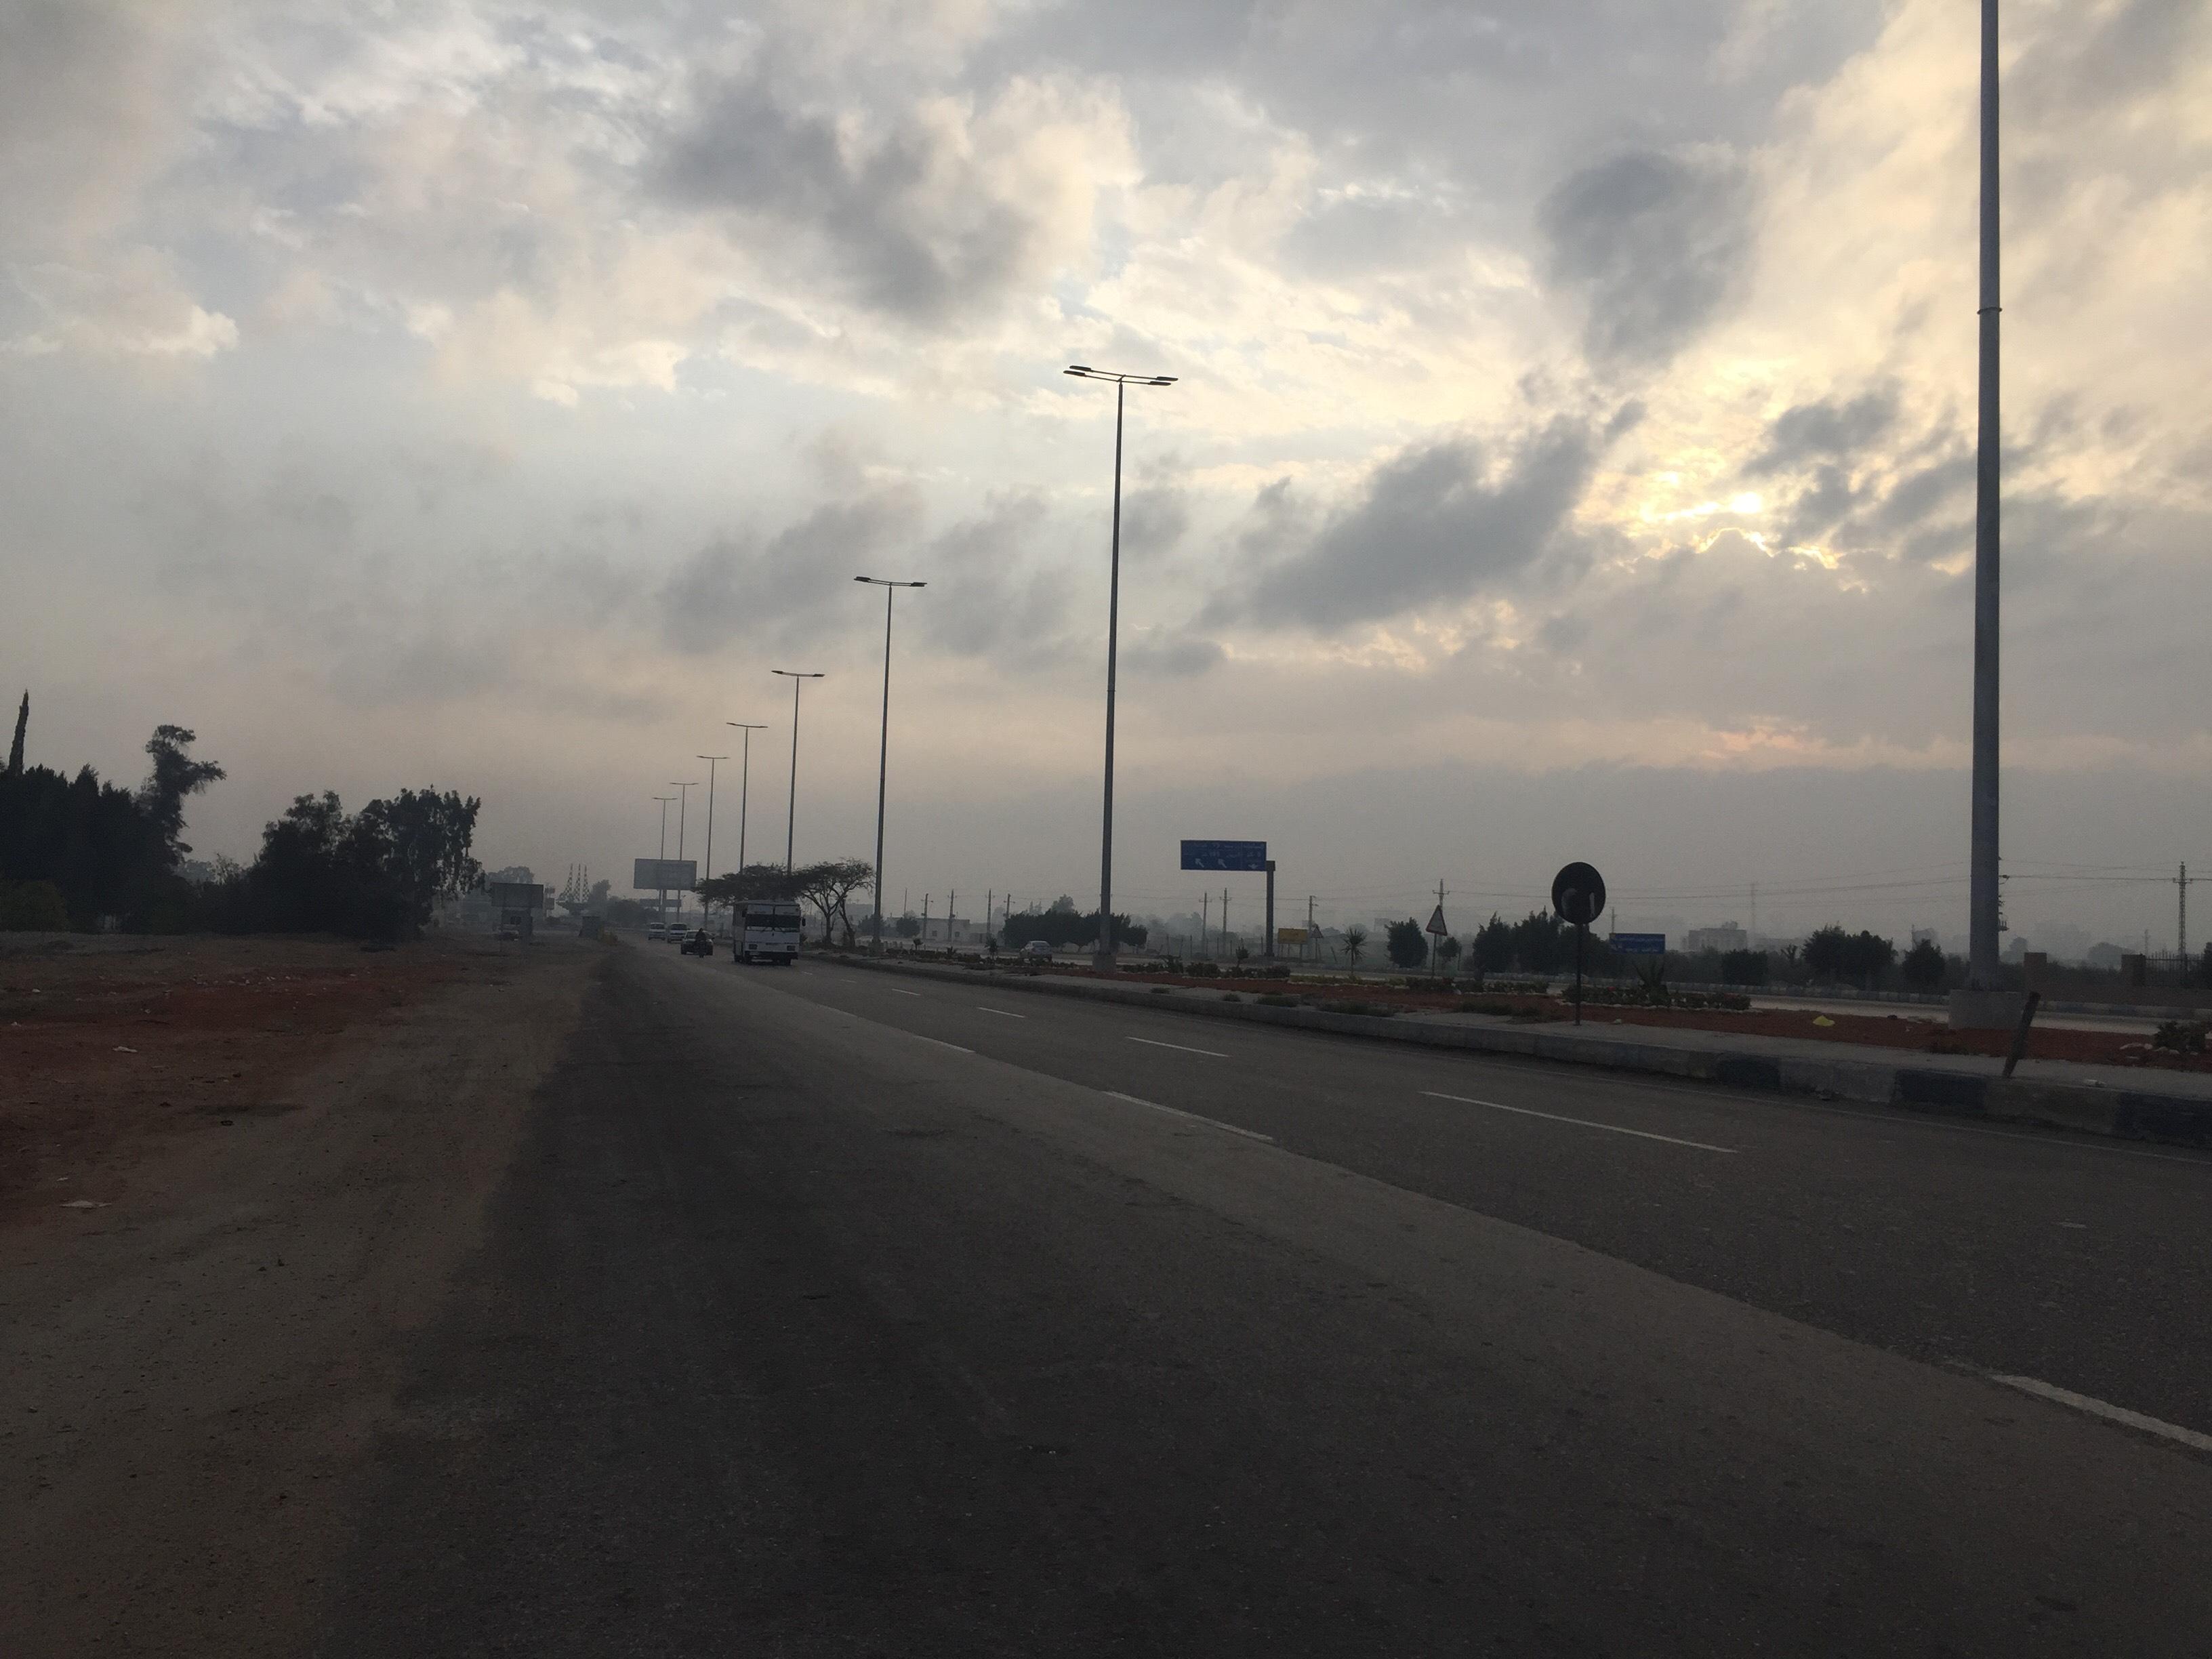 سيولة مرورية بطريق الاسماعيلية القاهرة (12)